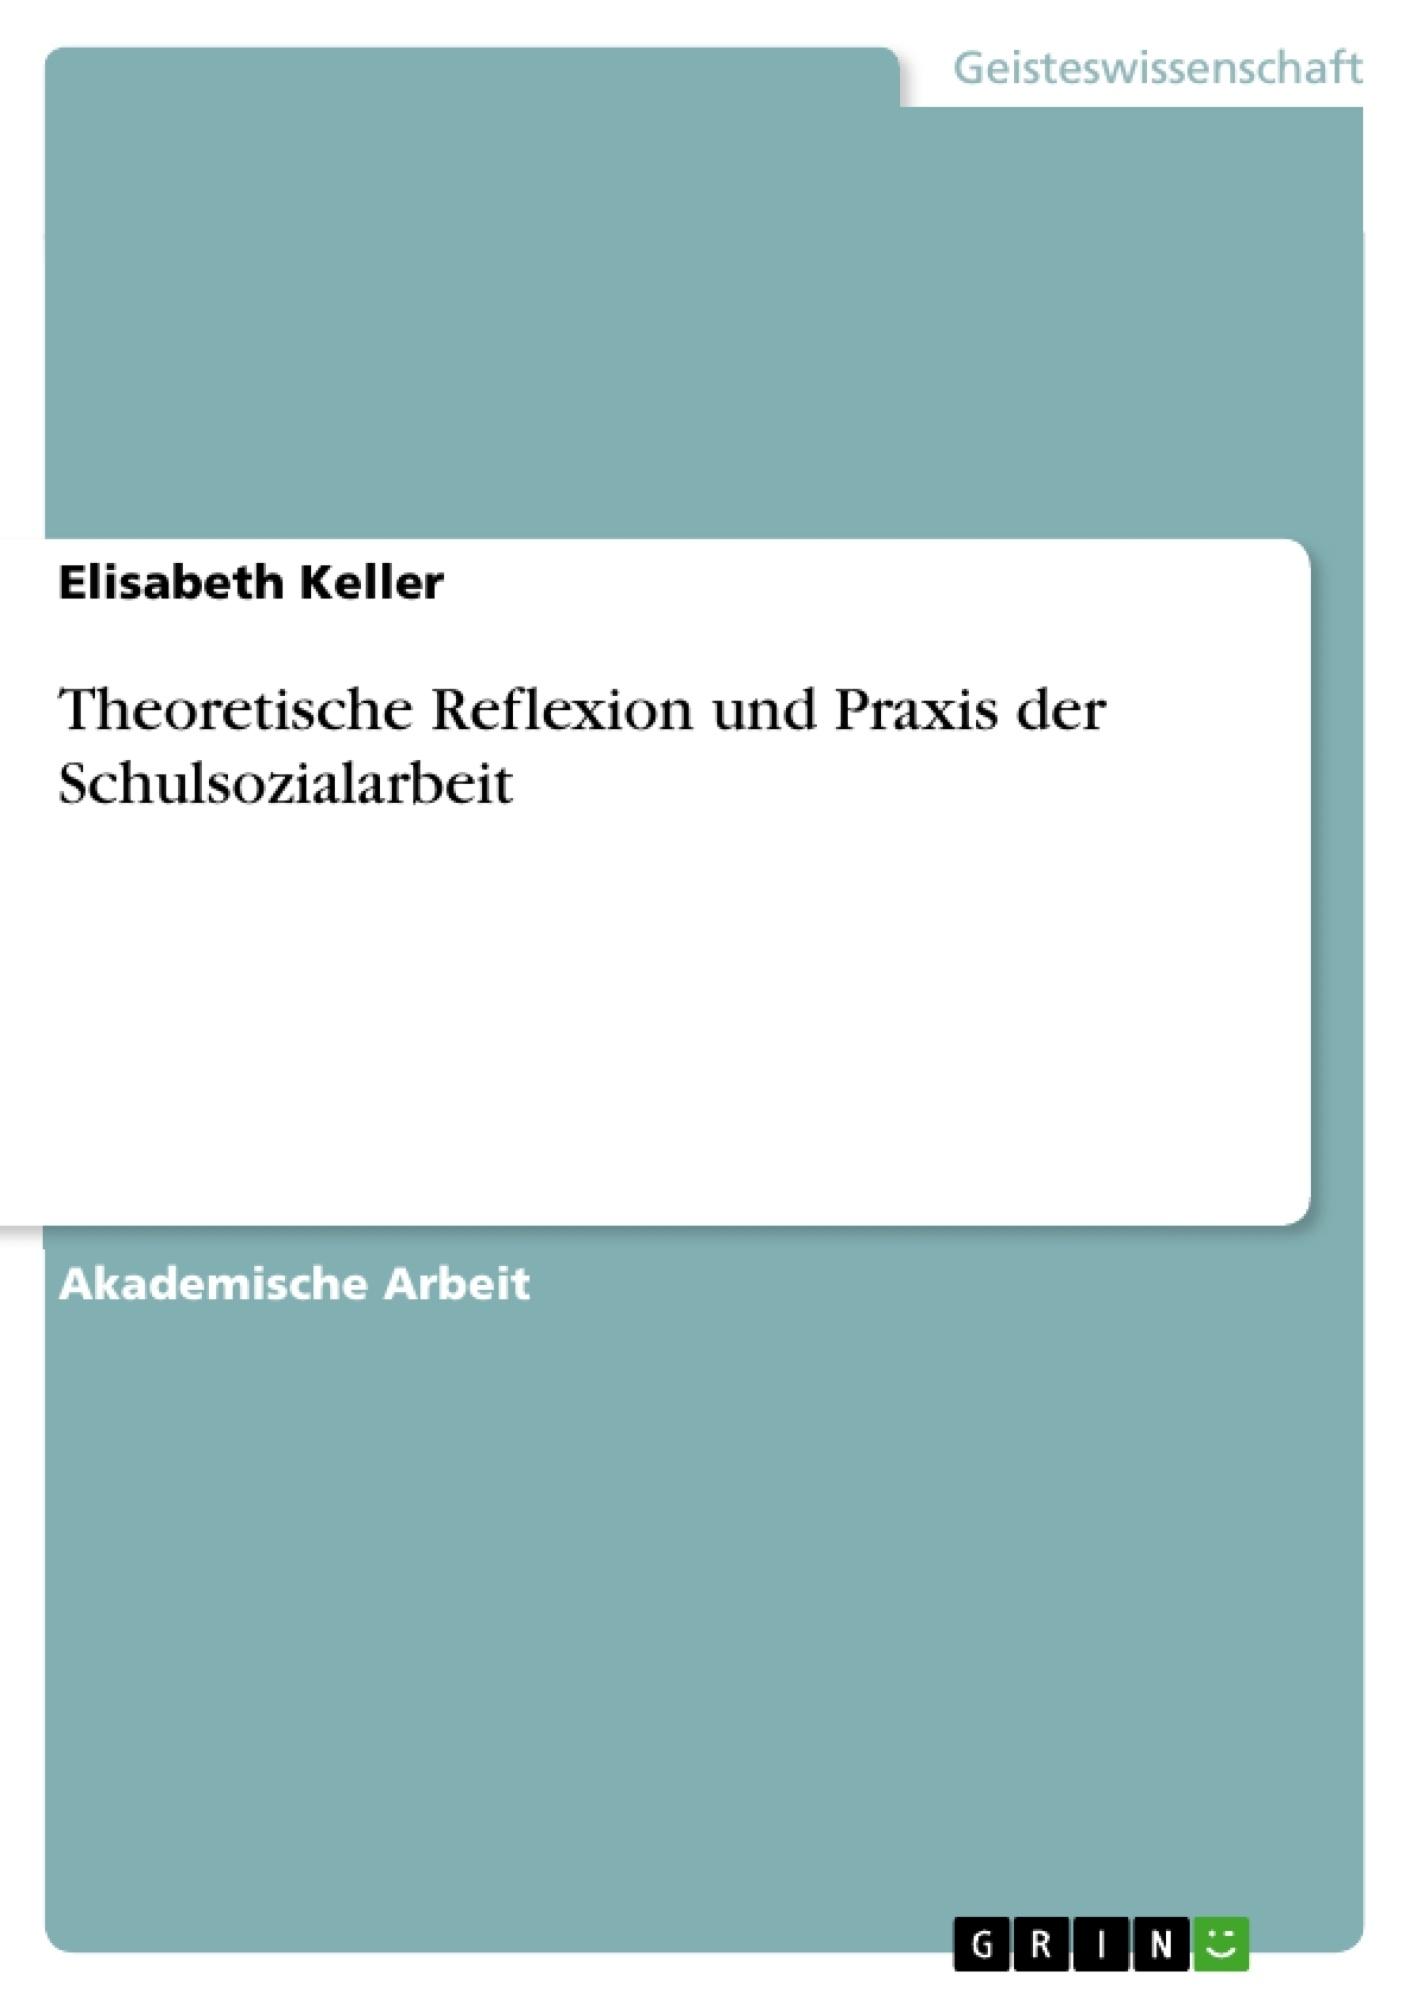 Titel: Theoretische Reflexion und Praxis der Schulsozialarbeit